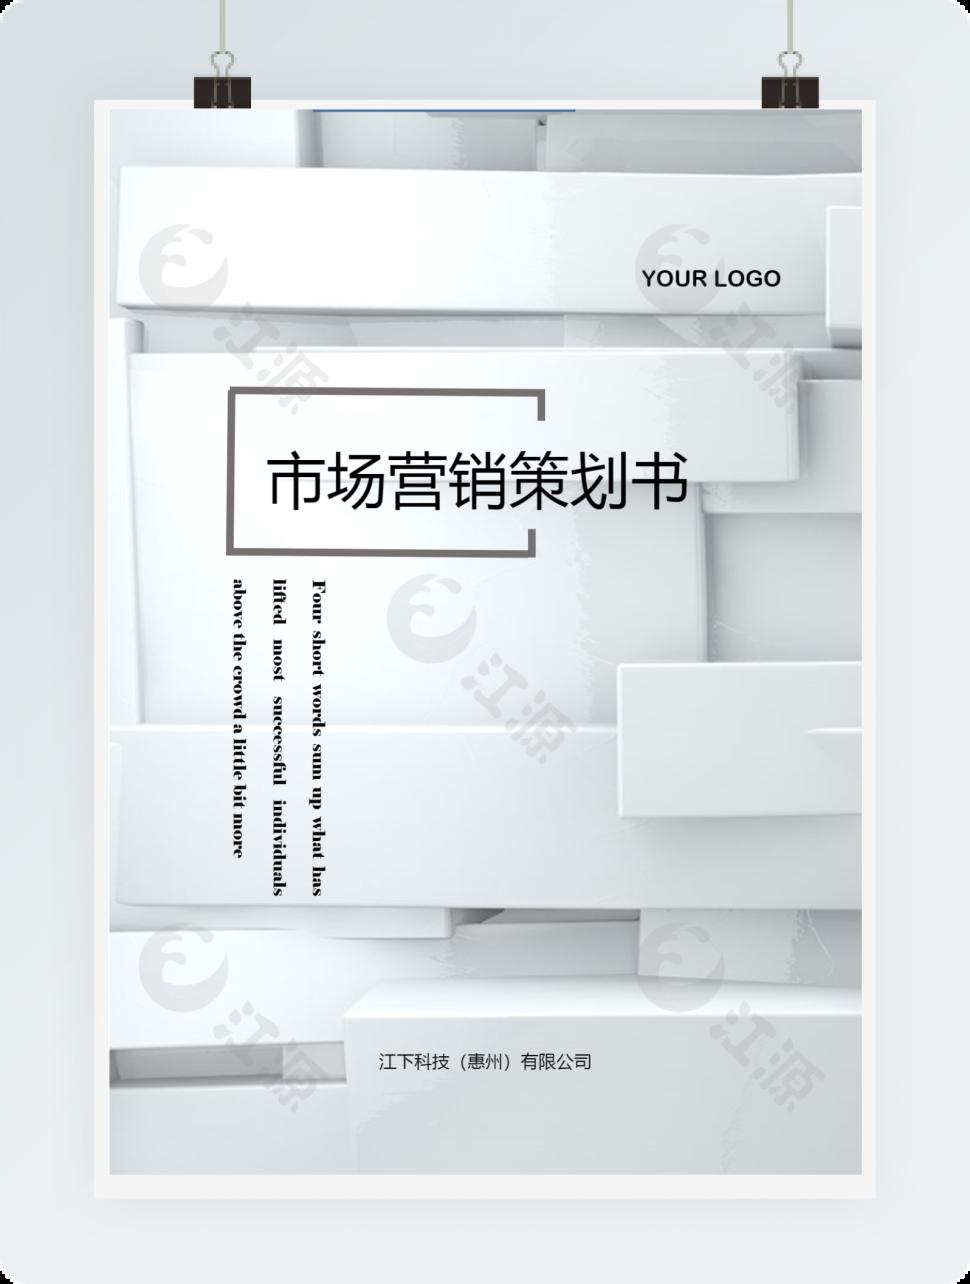 市场营销策划书线条word模板